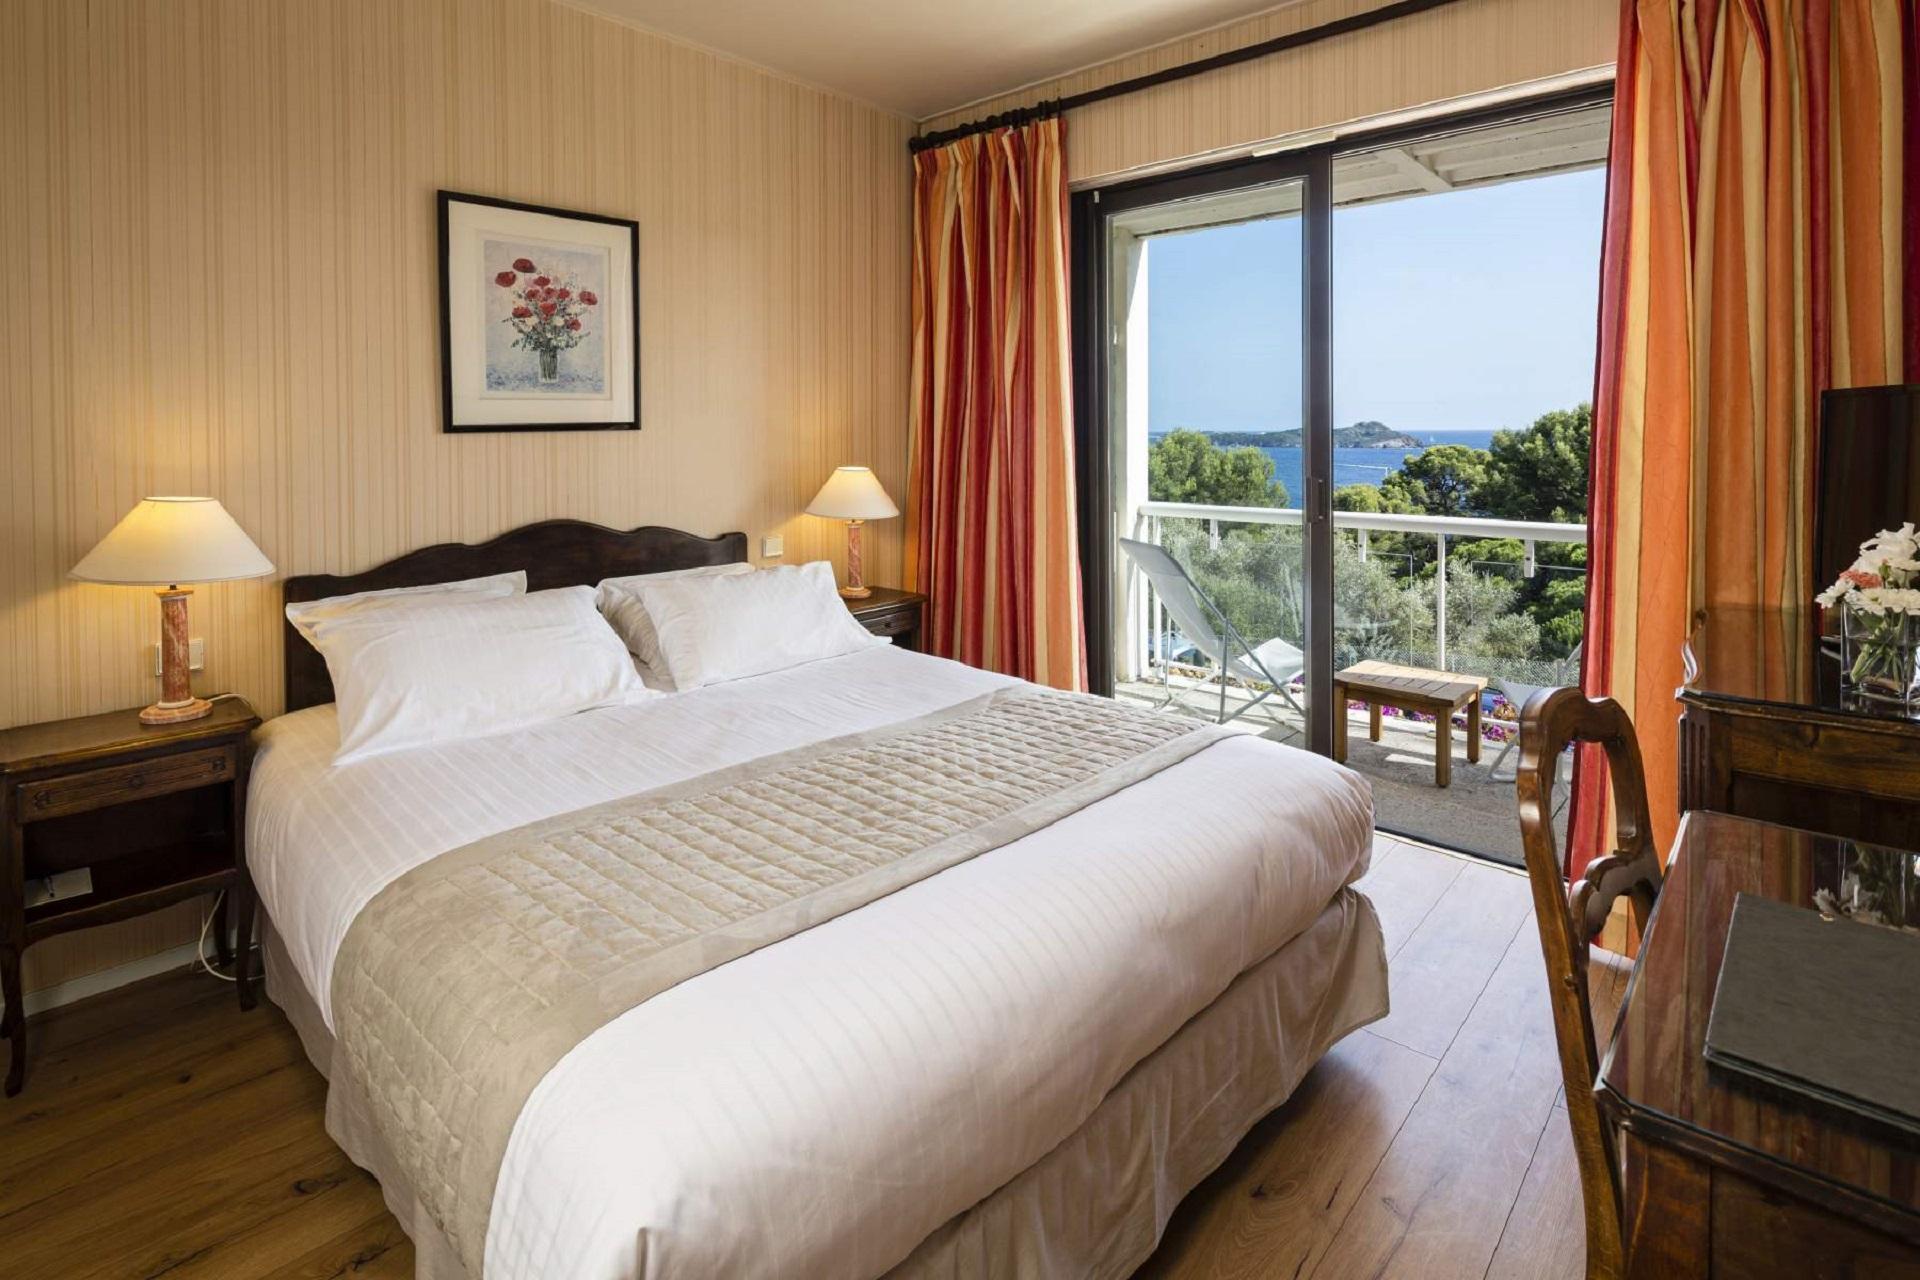 hotel-le-provencal-hyeres-toulon-chambre-seminaires-de-caractere